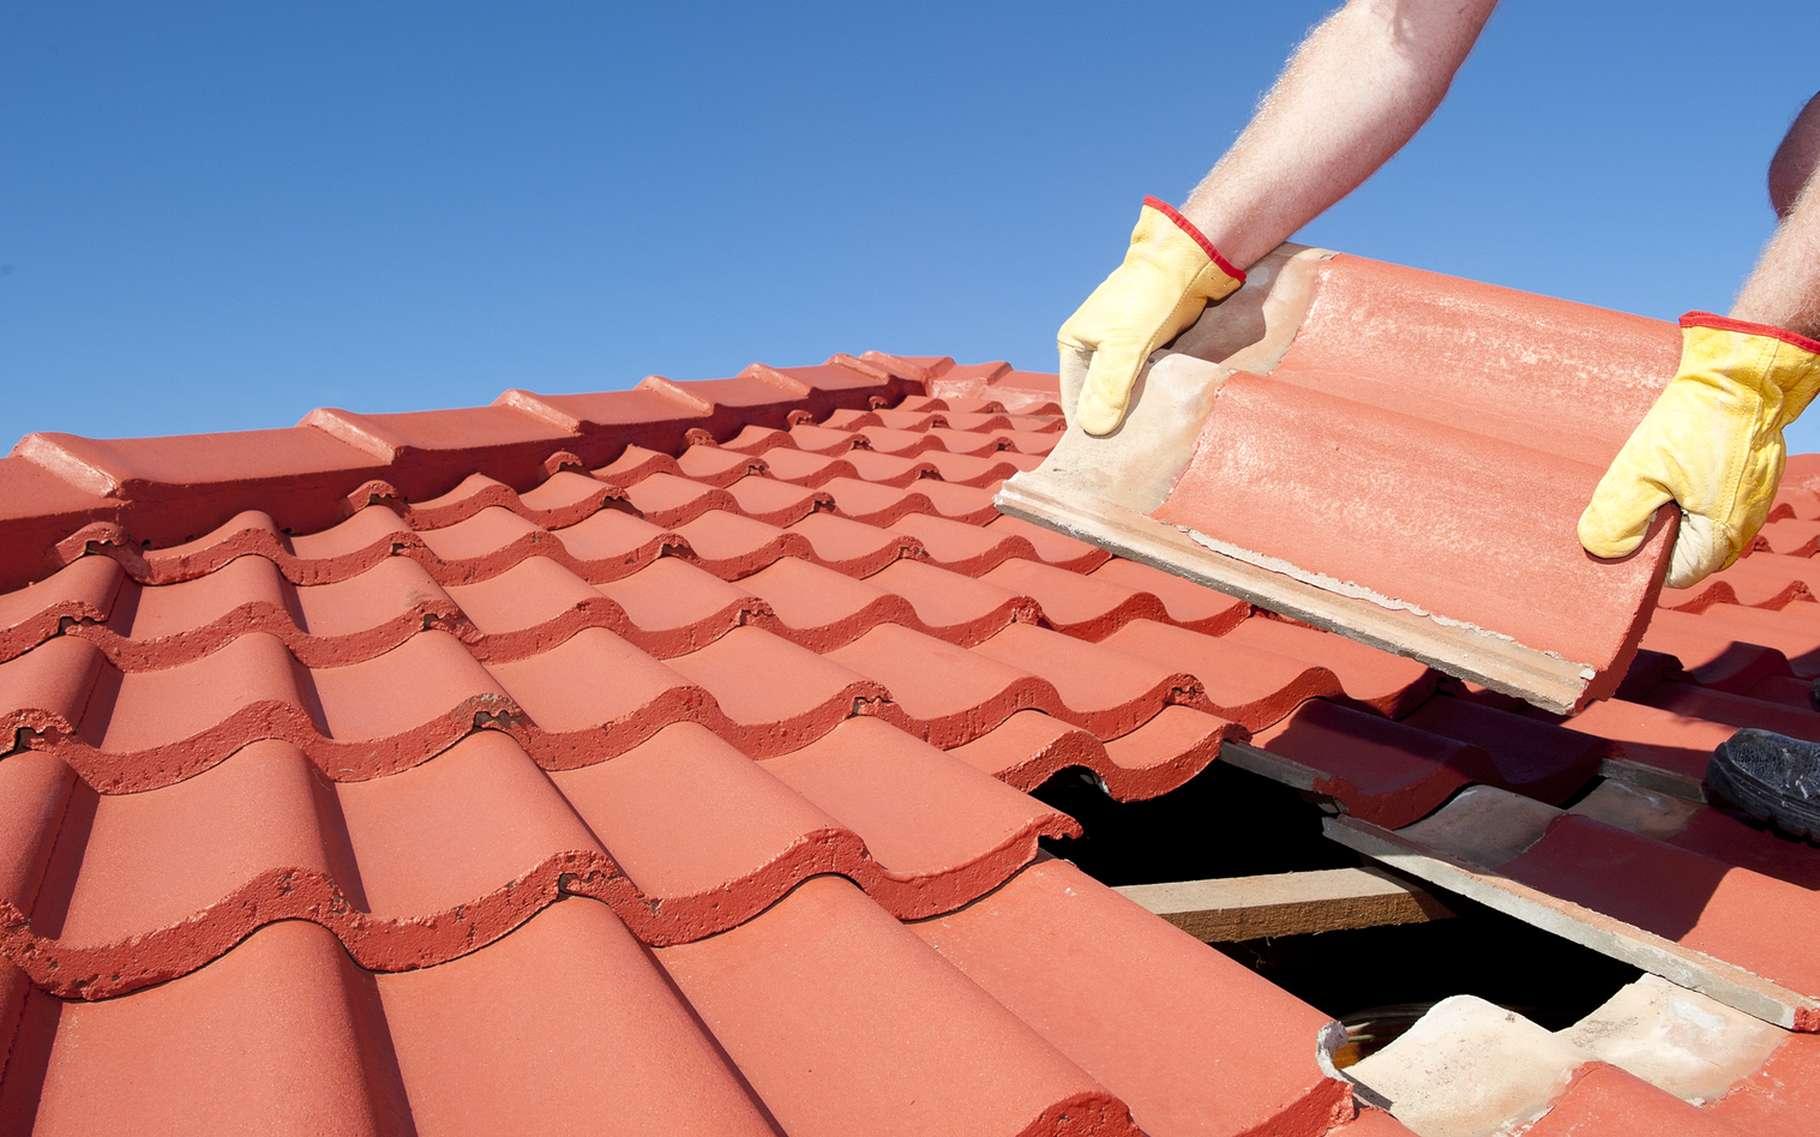 Les normes pour les pentes de toit doivent être respectées. © Rob Bayer, Shutterstock